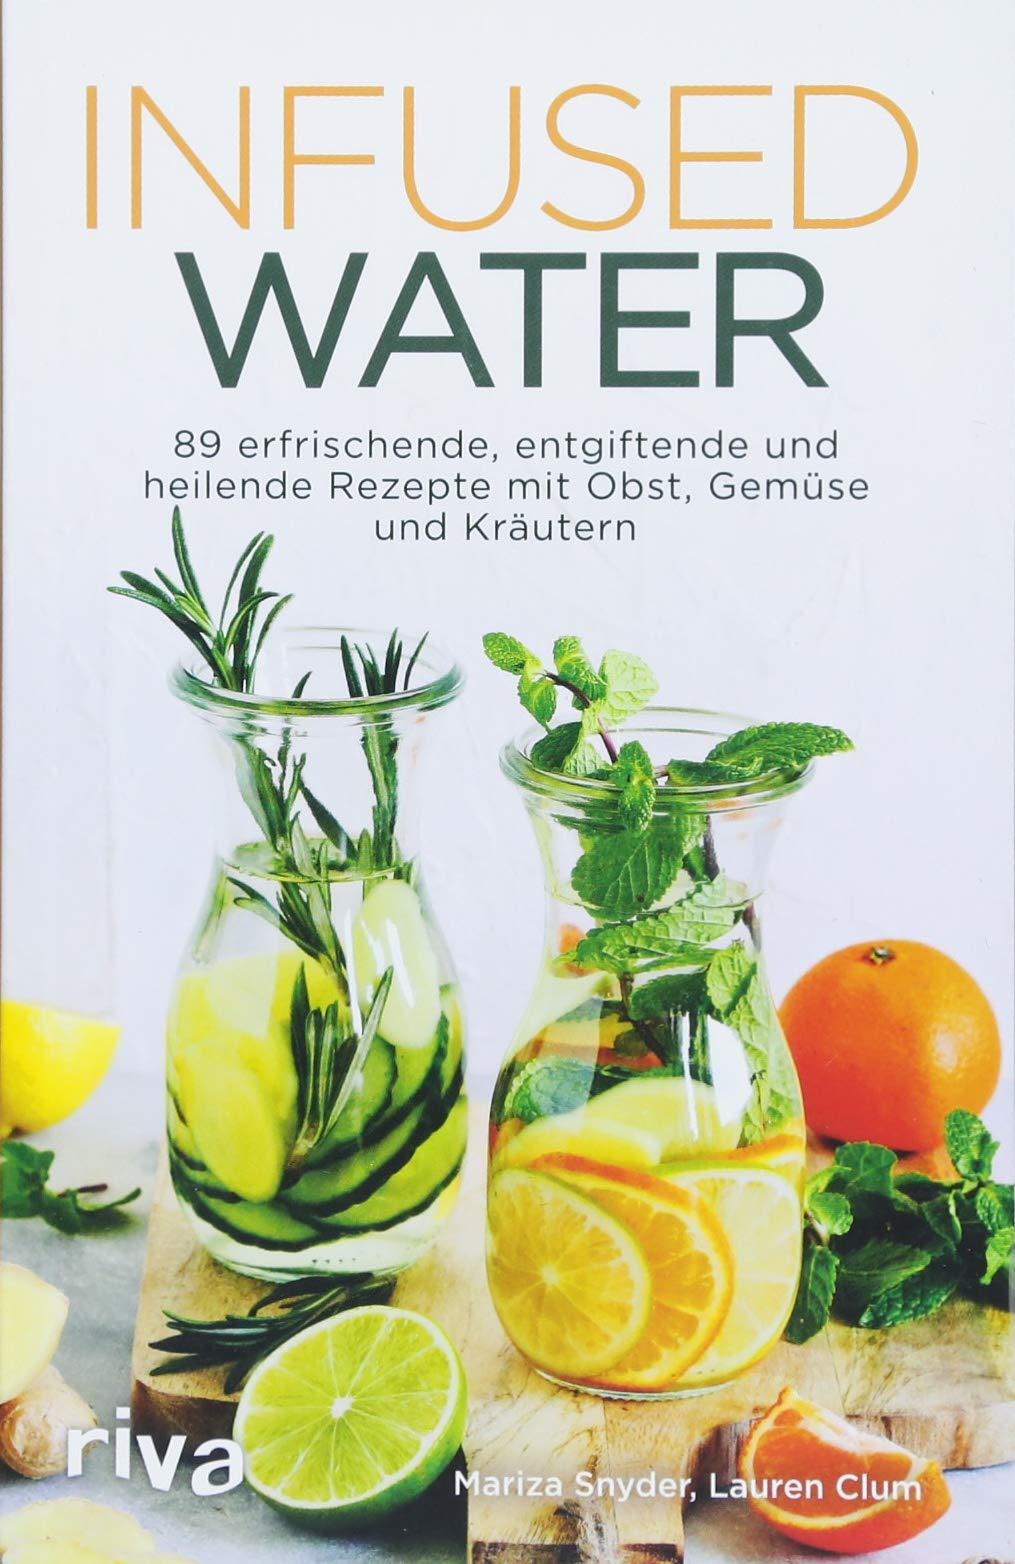 infused-water-89-erfrischende-entgiftende-und-heilende-rezepte-mit-obst-gemse-und-krutern